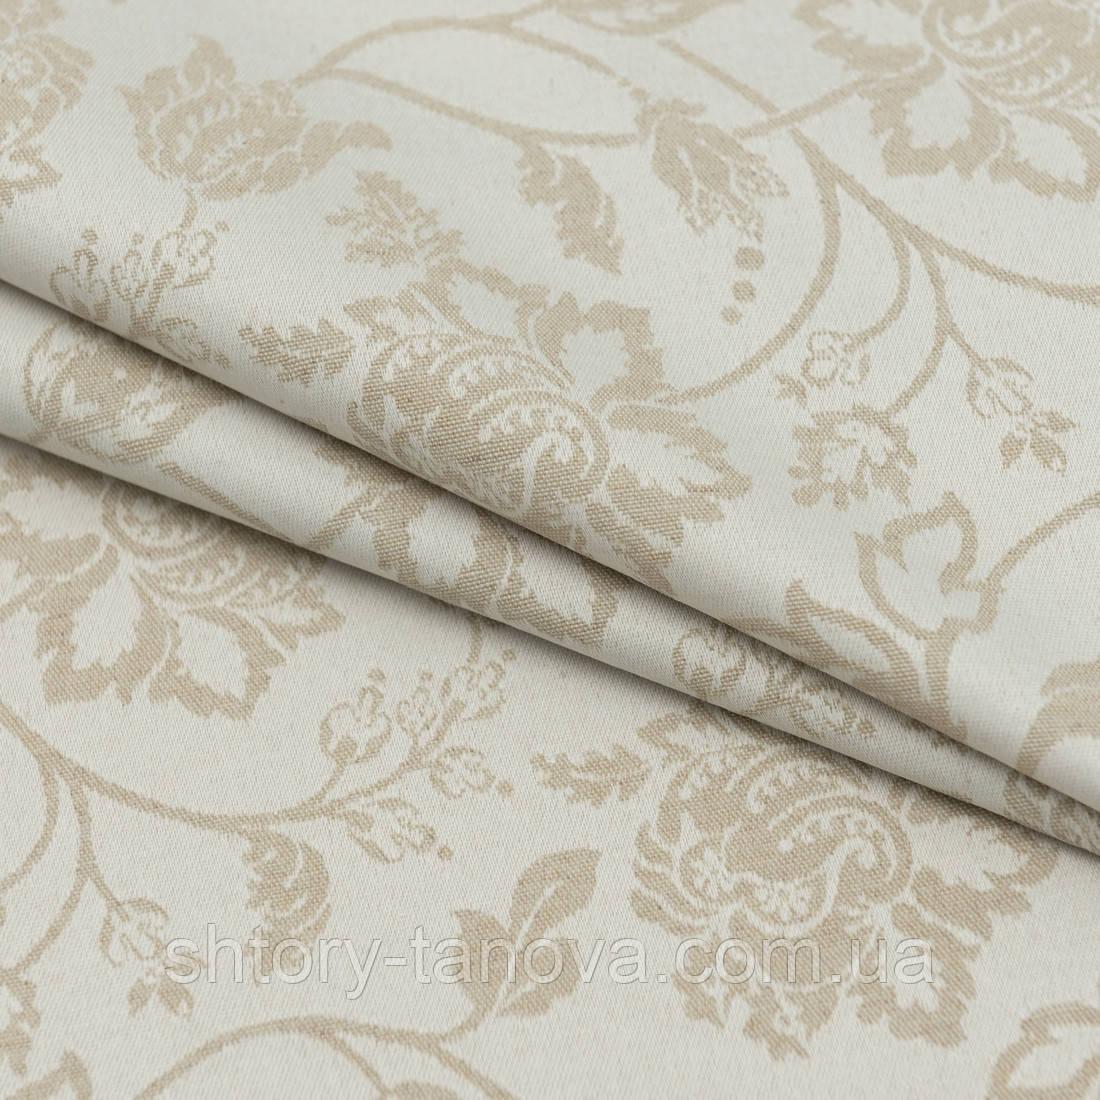 Ткань с акриловой пропиткой цветы жаккард беж